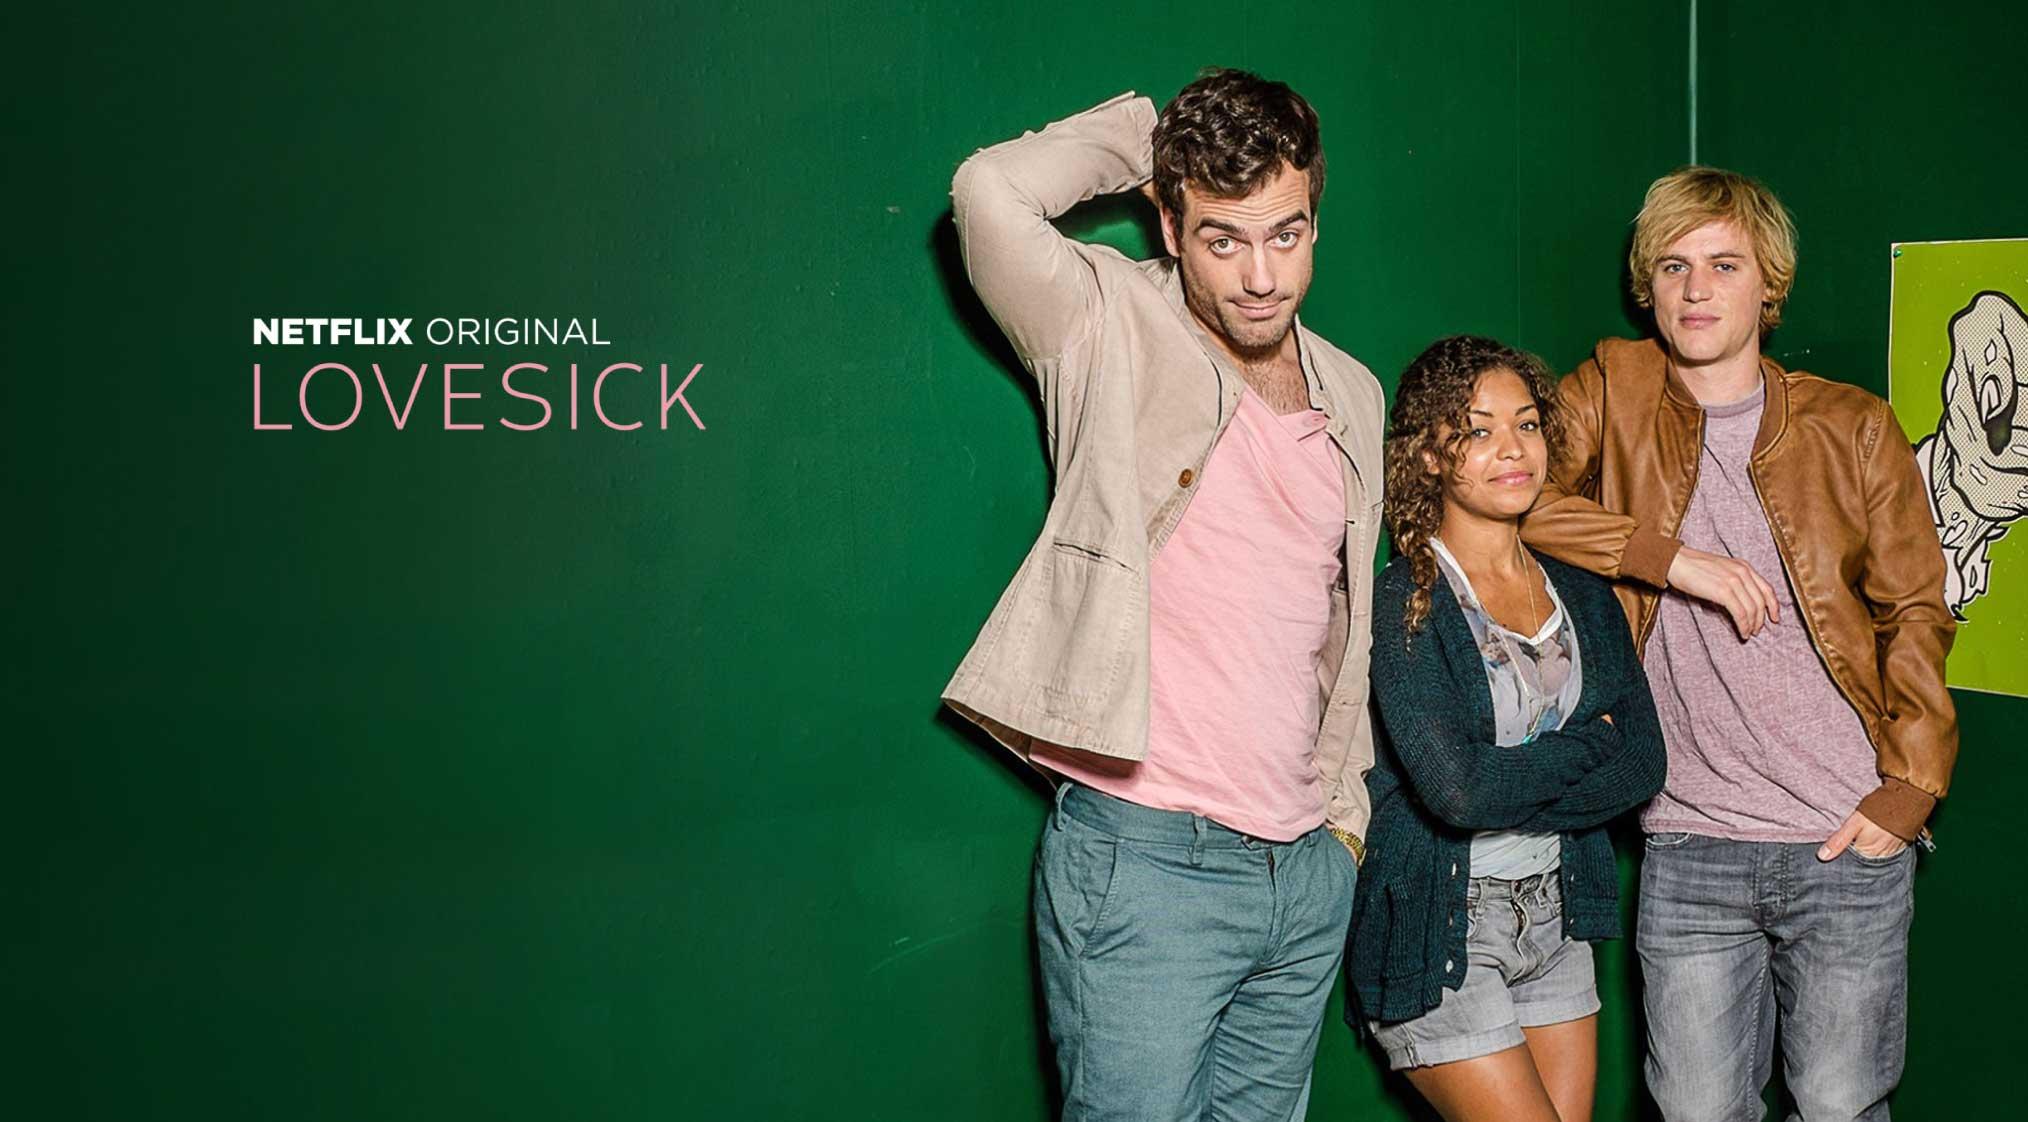 Lovesick saison 2 netflix confirme la date de retour - Date des saisons 2016 ...